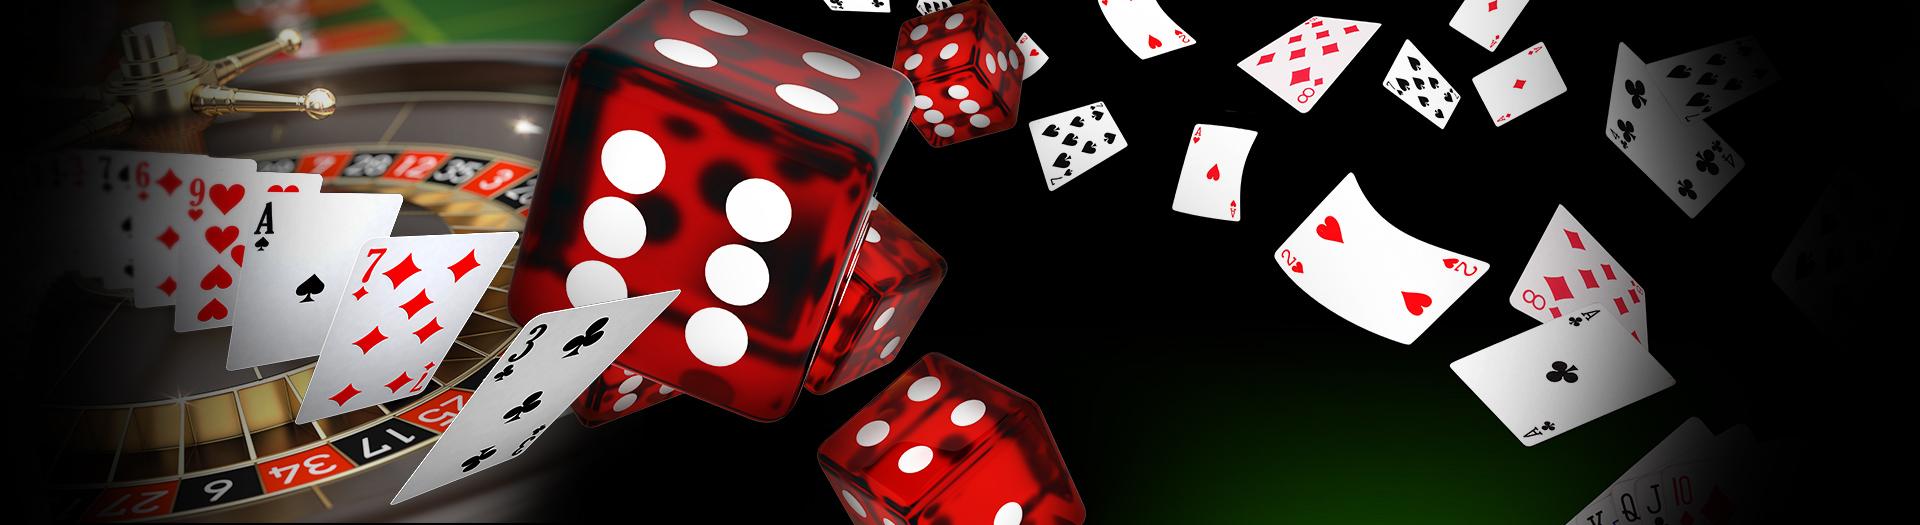 Poker españa - 64775